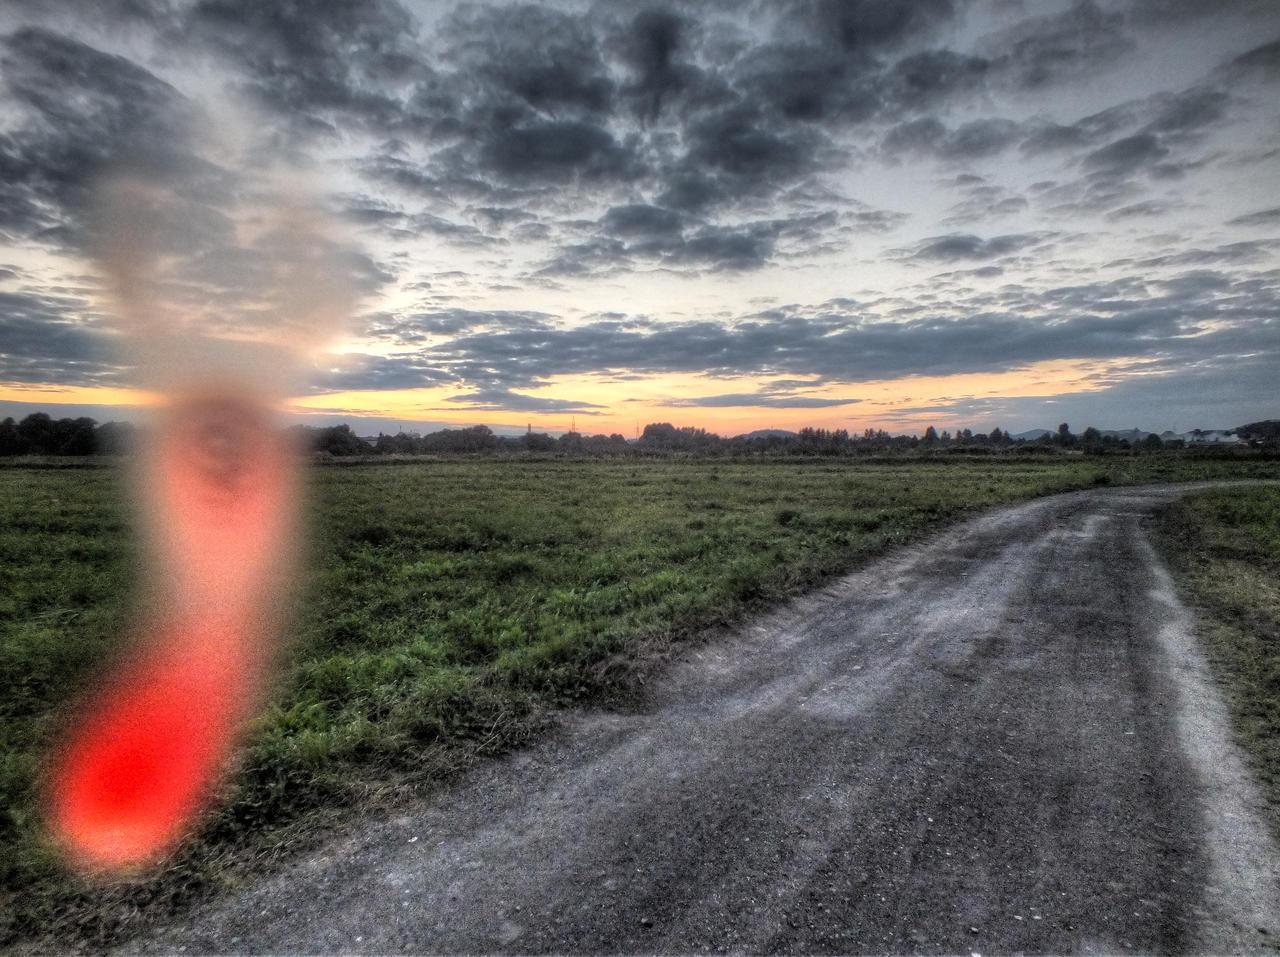 Story of a single photo by Fursik